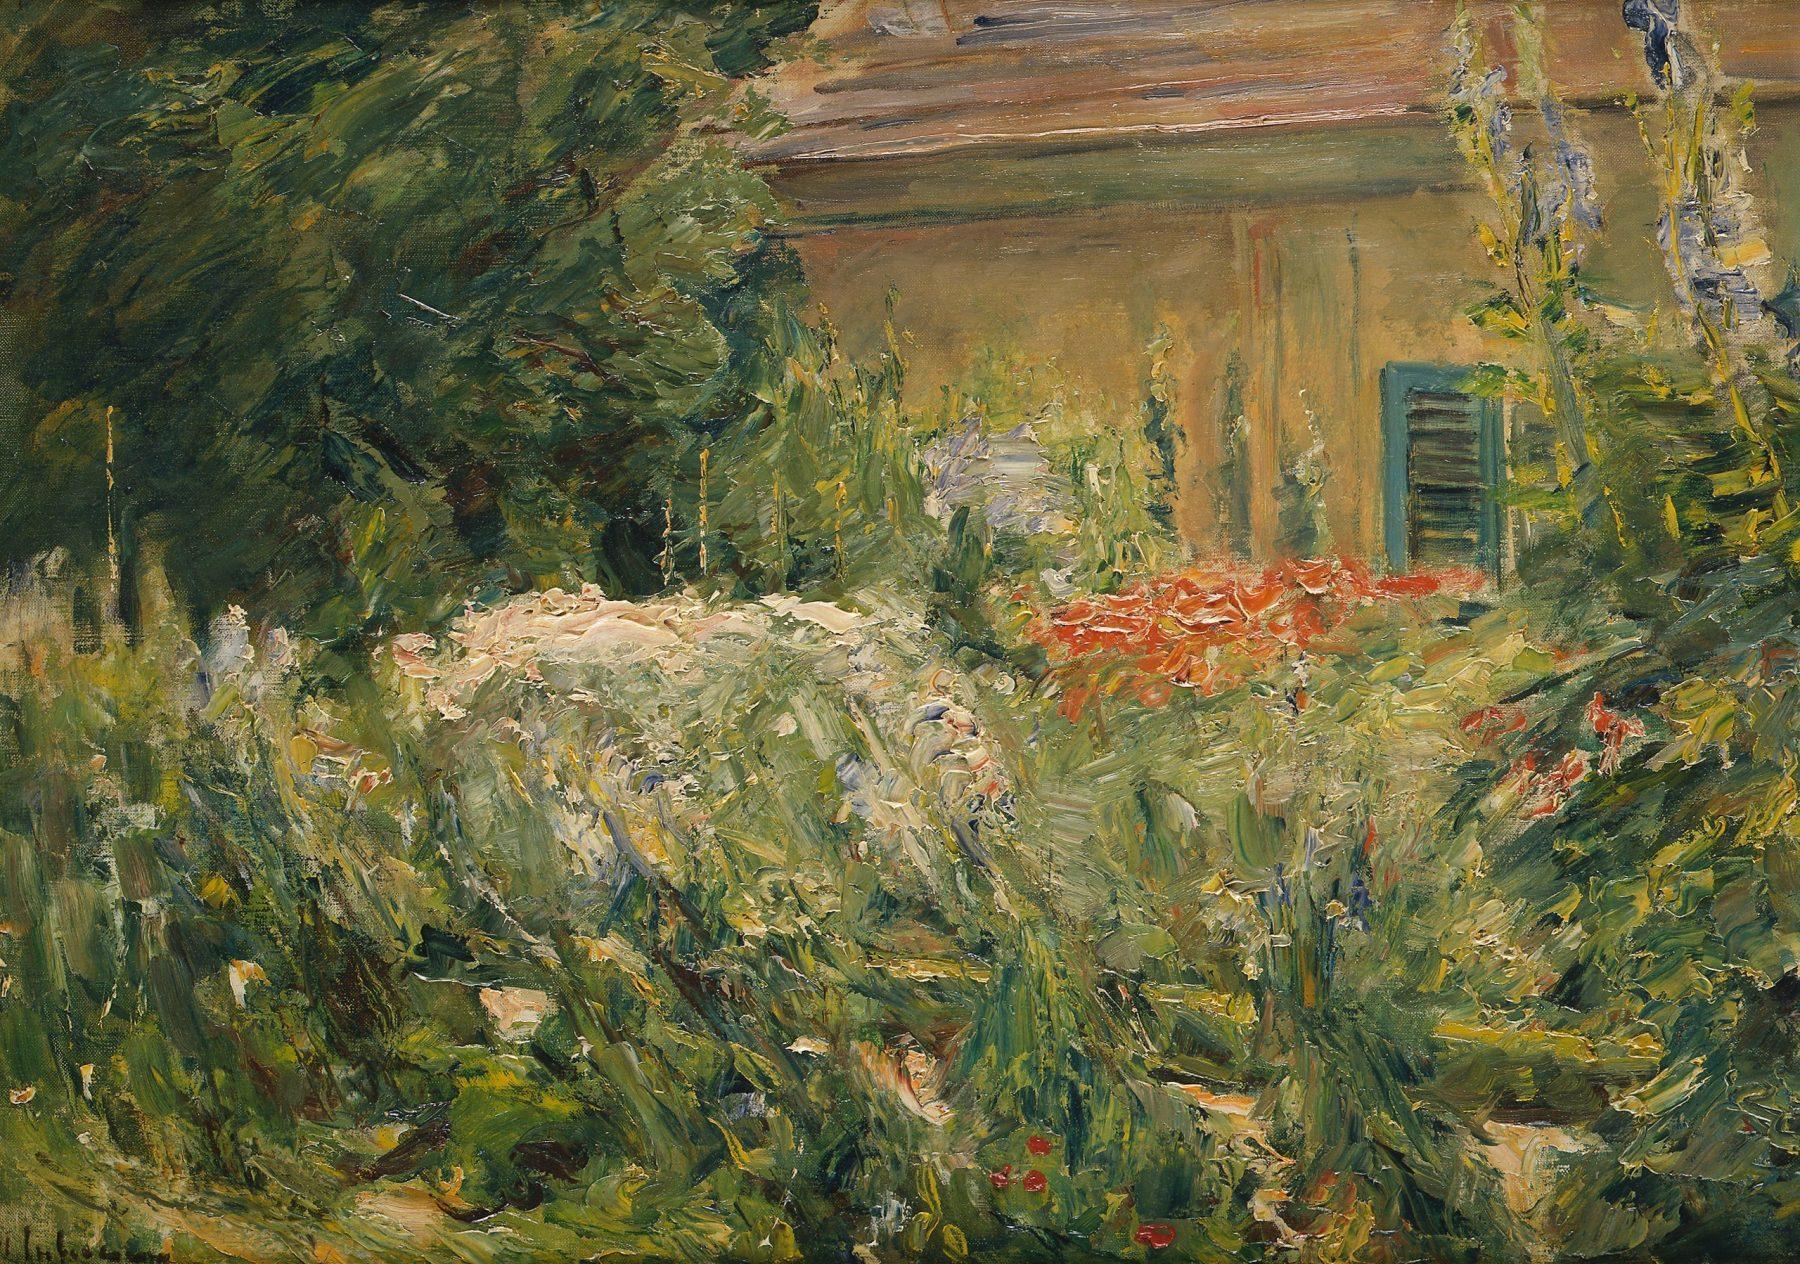 Der Blick geht Richtung Gärtnerhaus im Hintergrund mit üppigen Blumenstauden im Vordergrund.